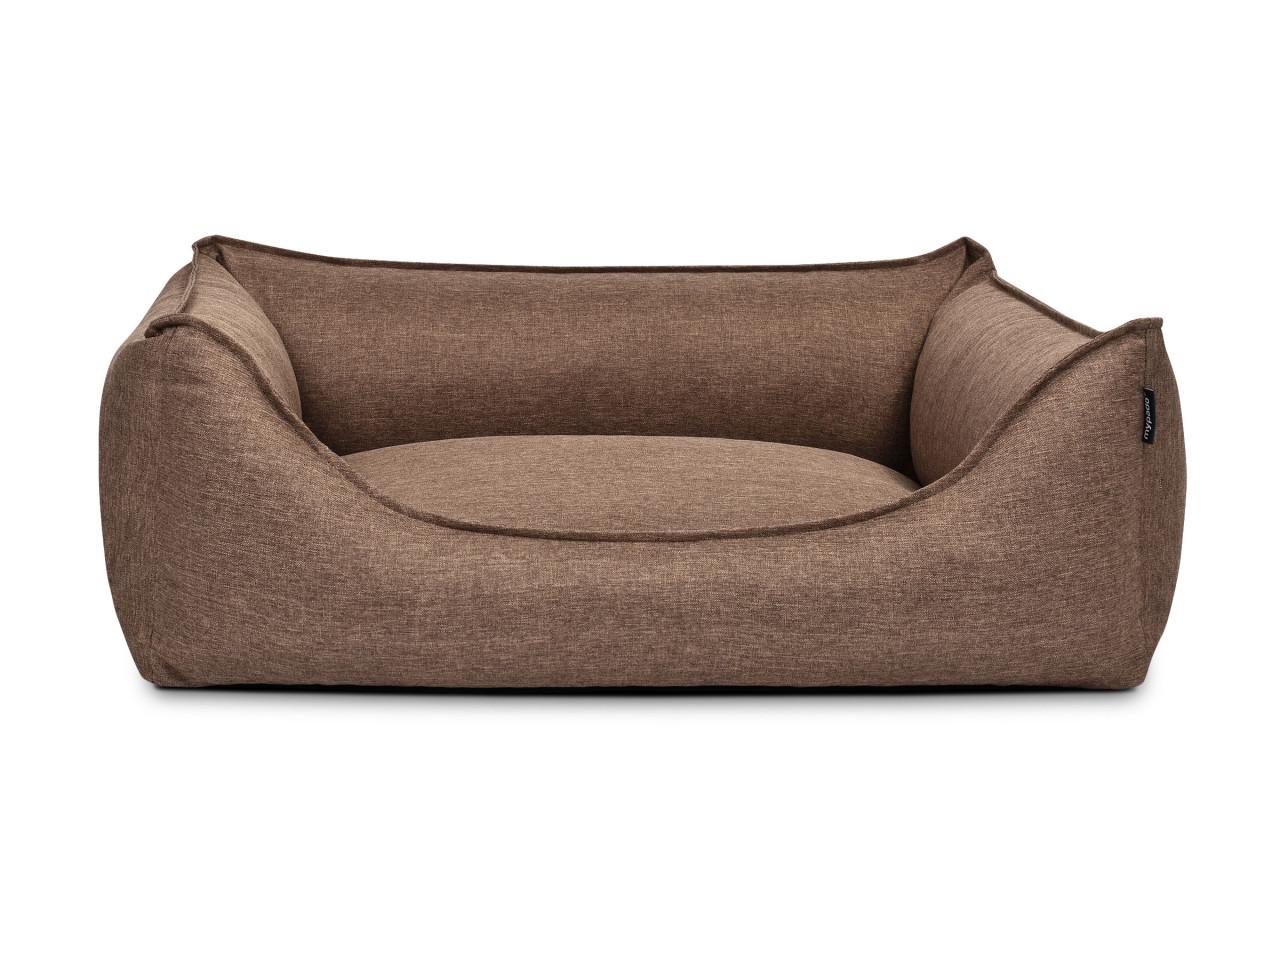 hundebett-dream-terra brown